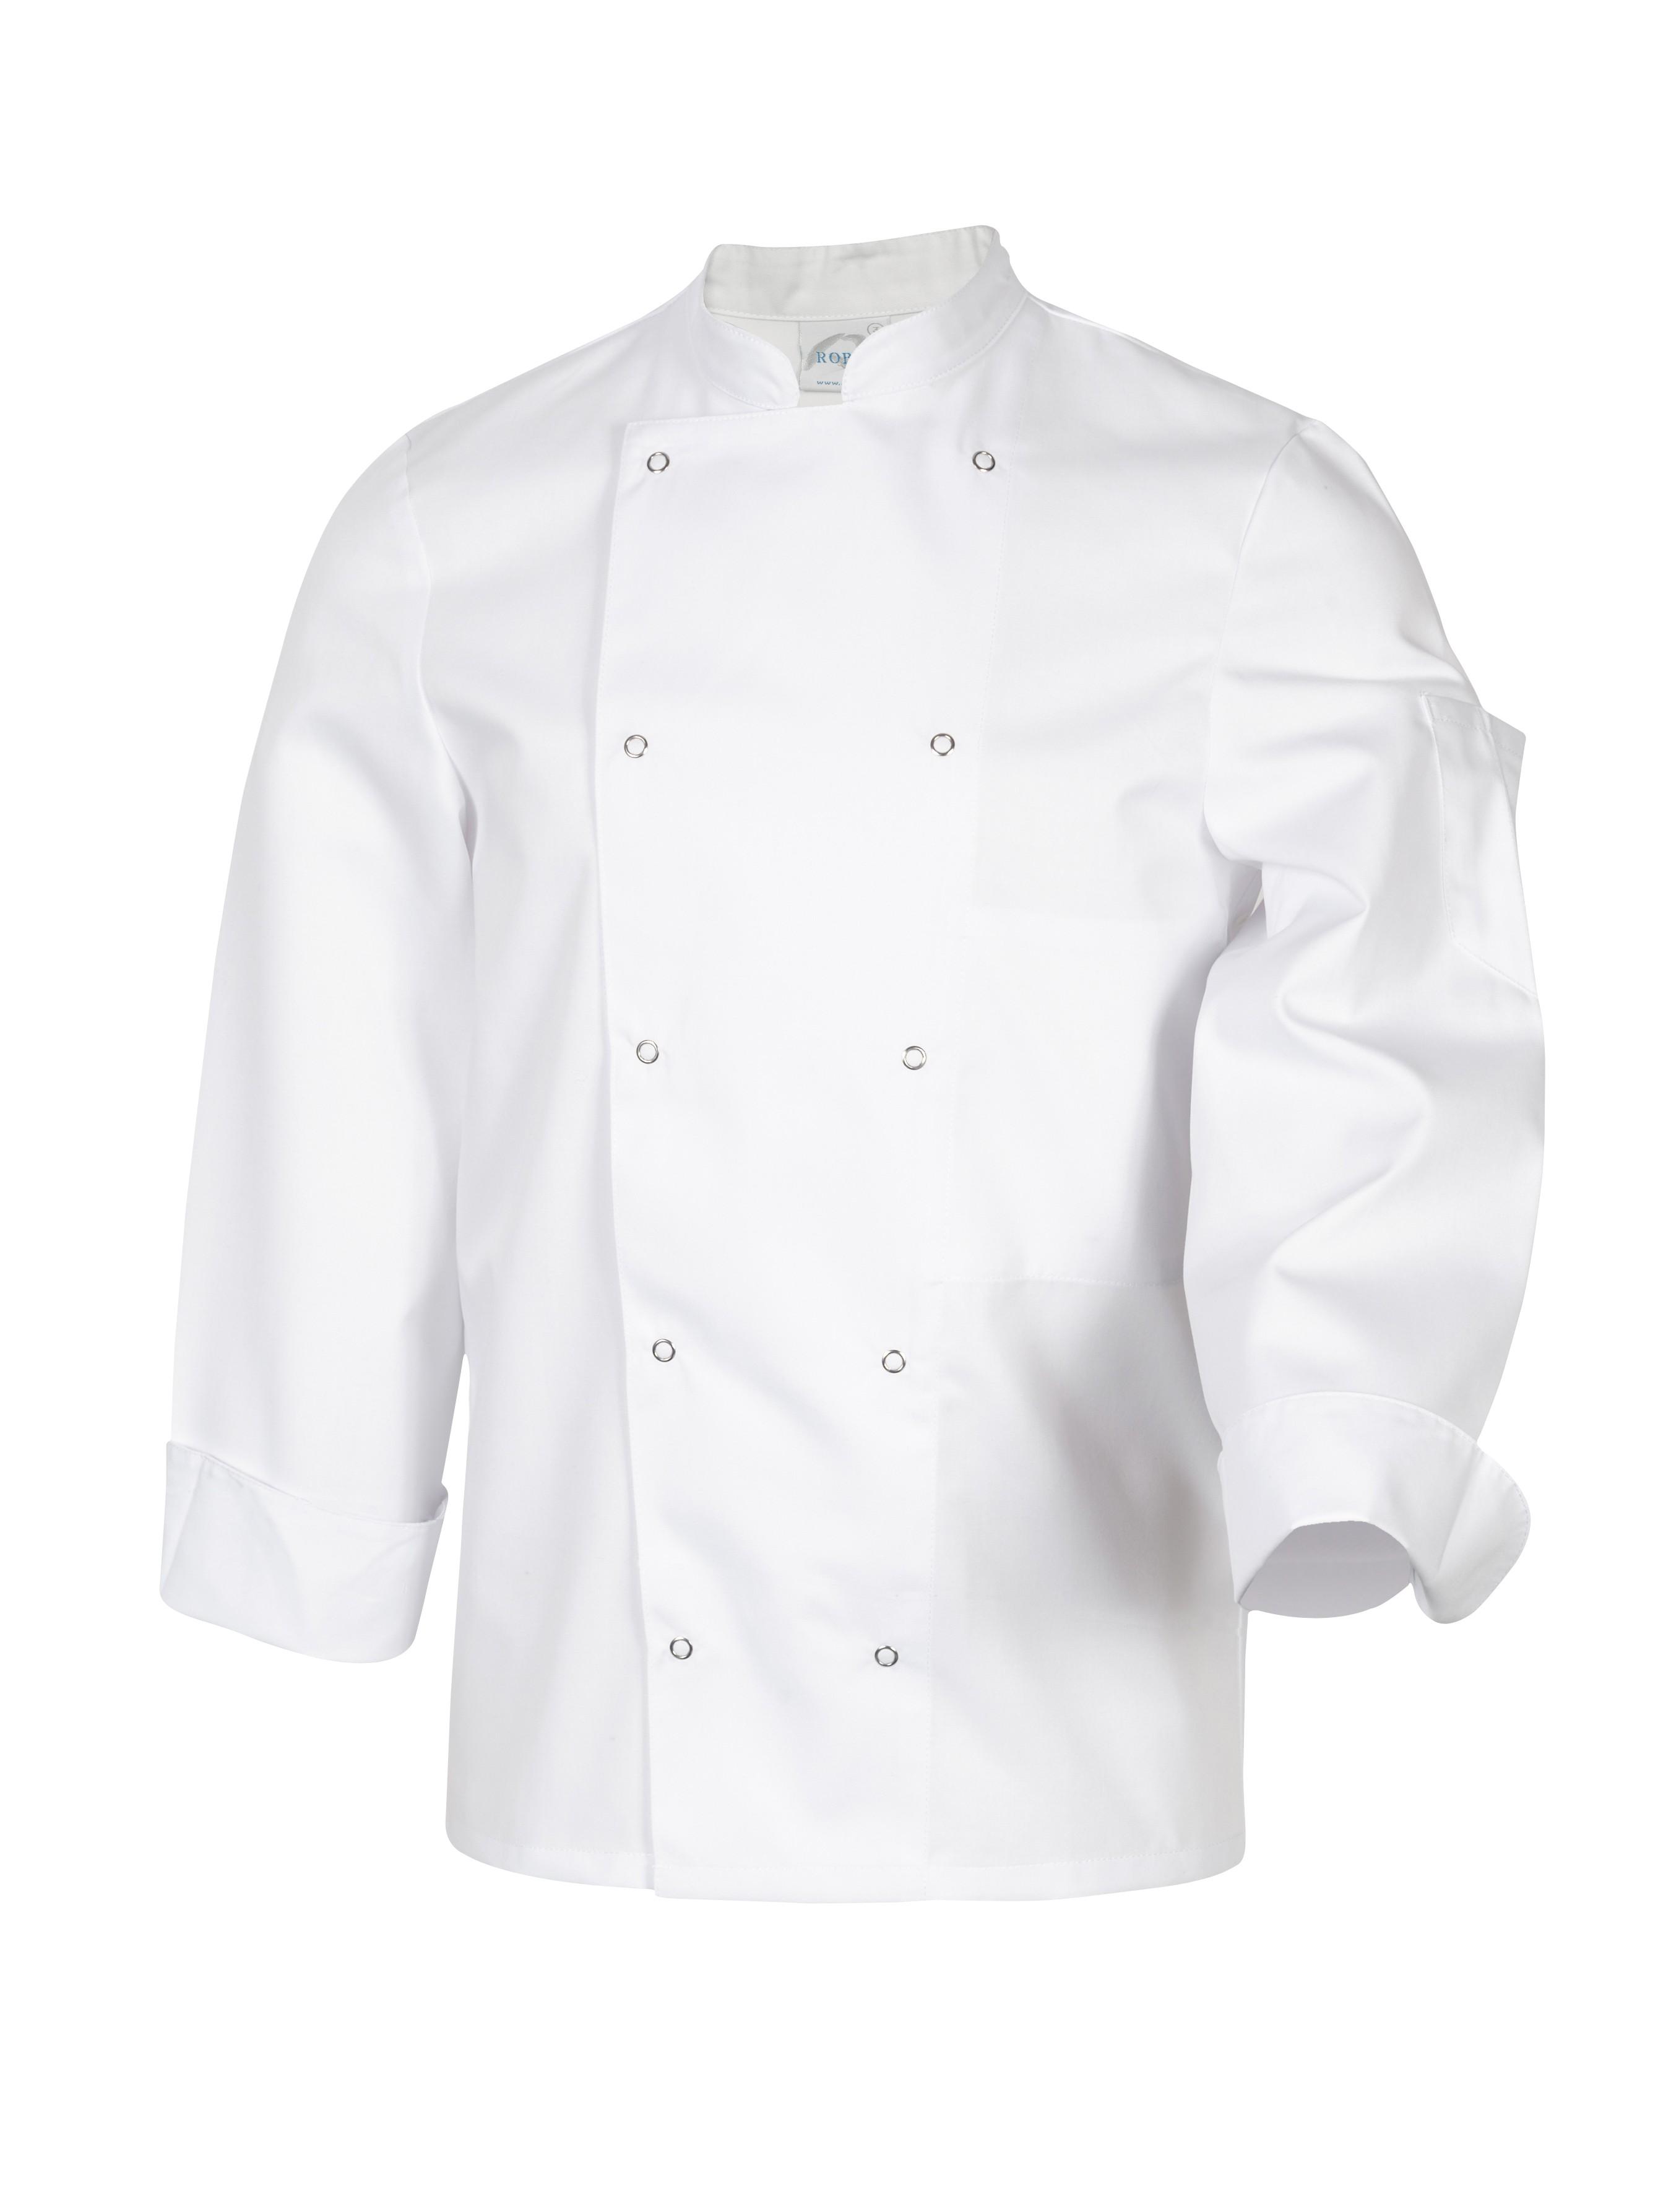 92806767e26a4 Veste de Boulanger-Patissier-Cuisinier Melbourne à Pressions - Robur